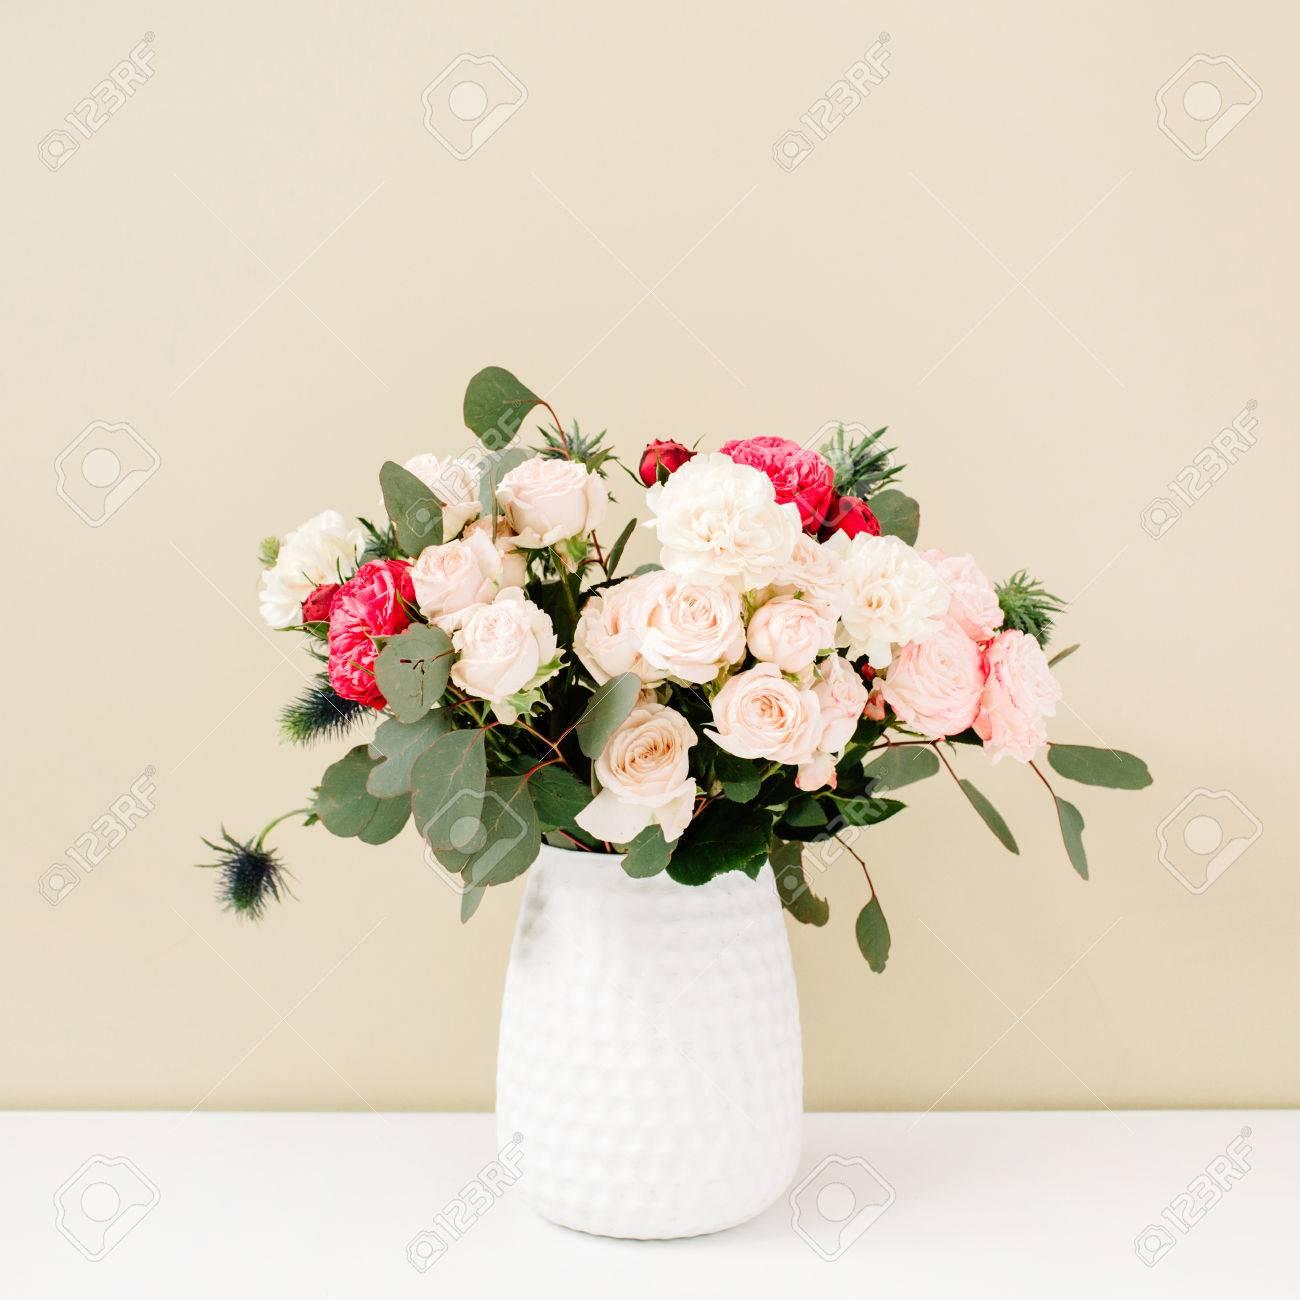 beau bouquet de fleurs: roses bombées, érythème bleu, branches d